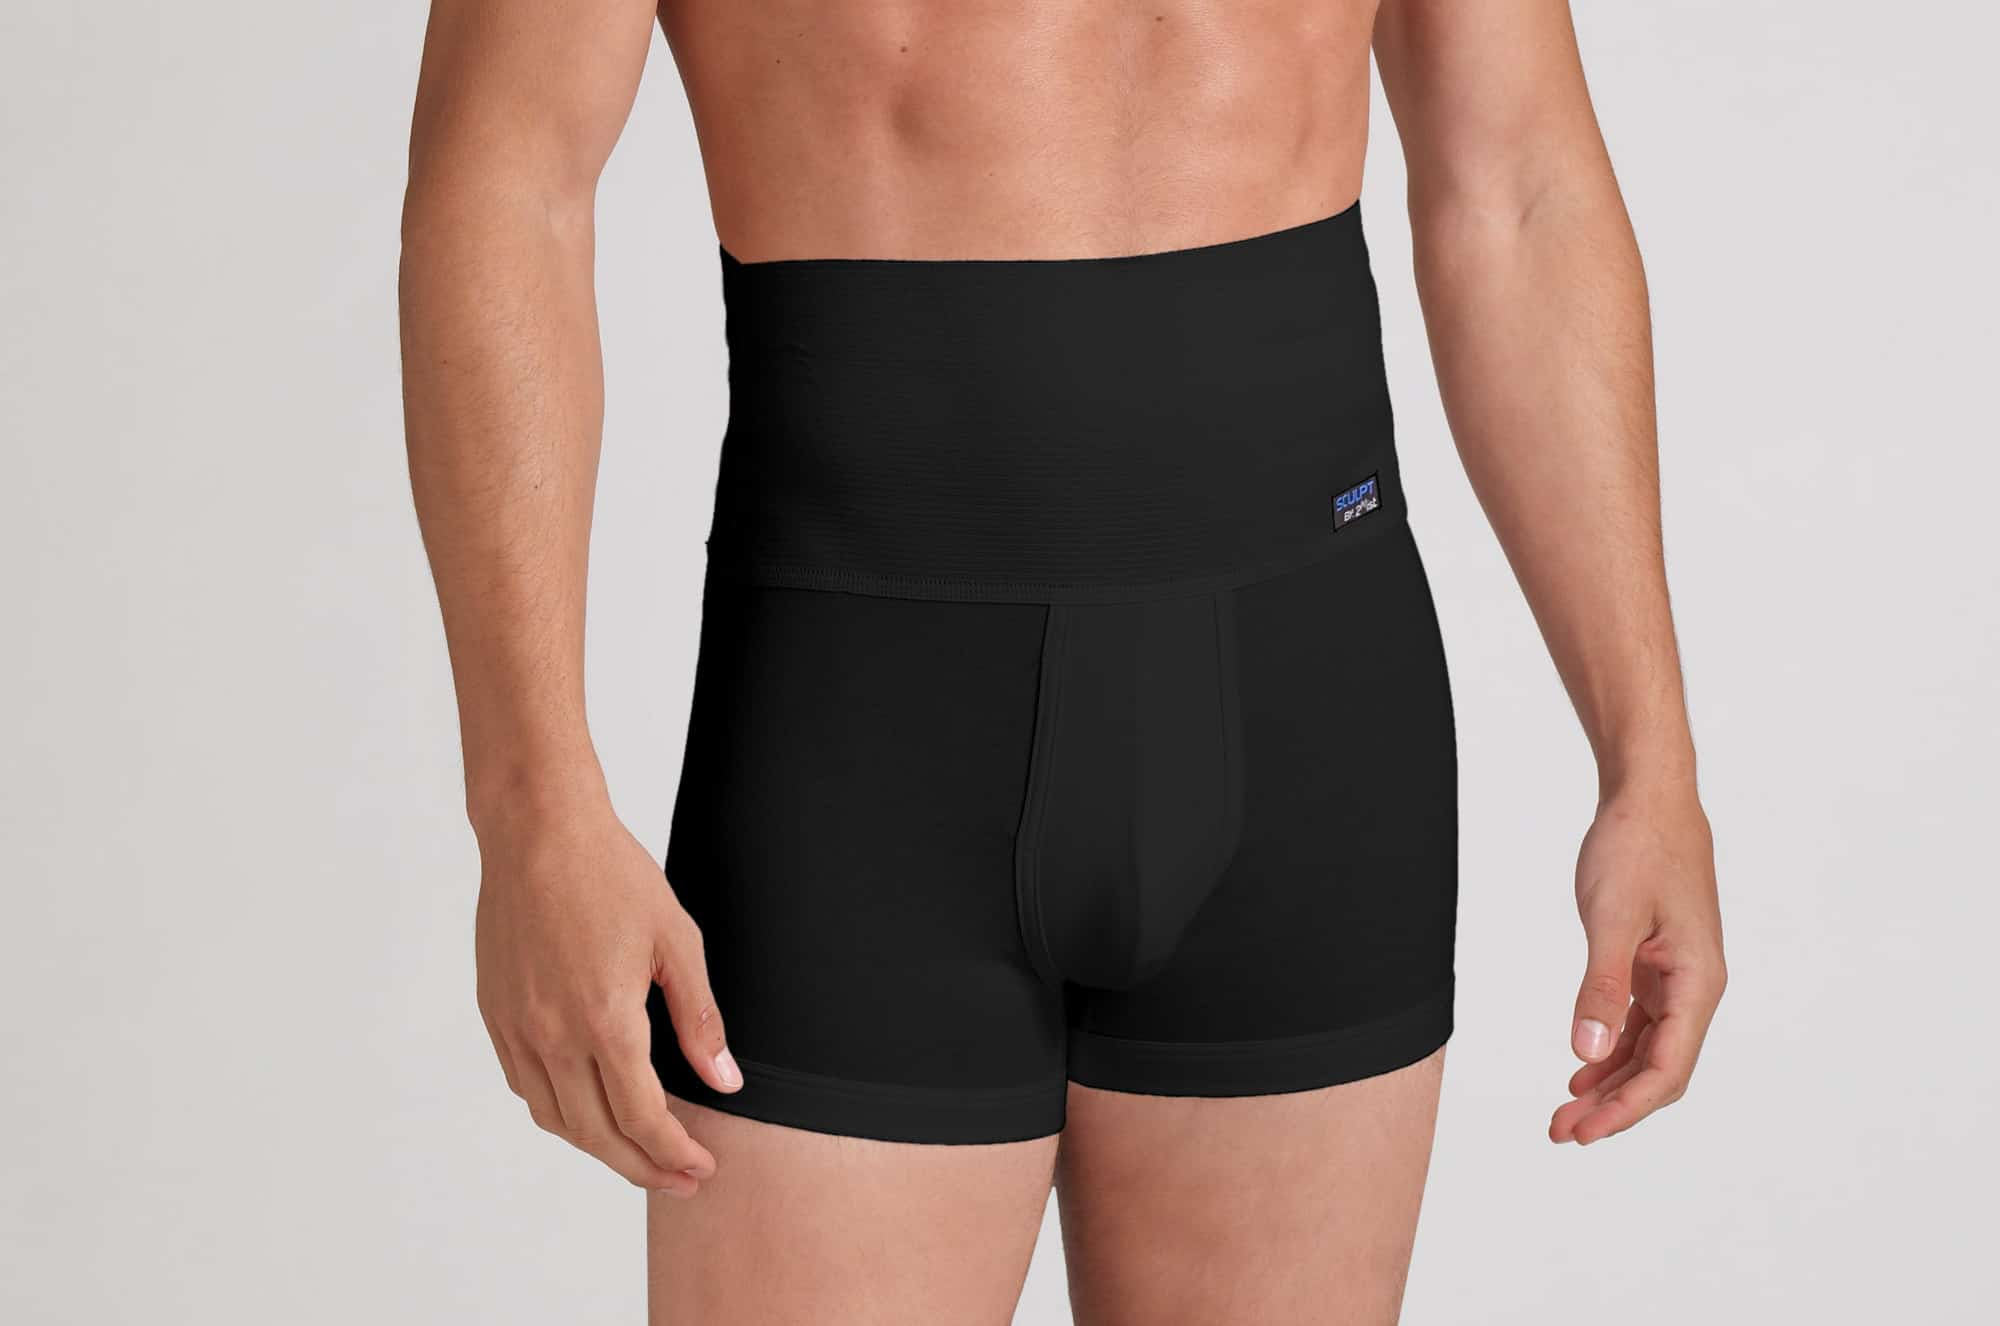 2XIST – underwear brand for men